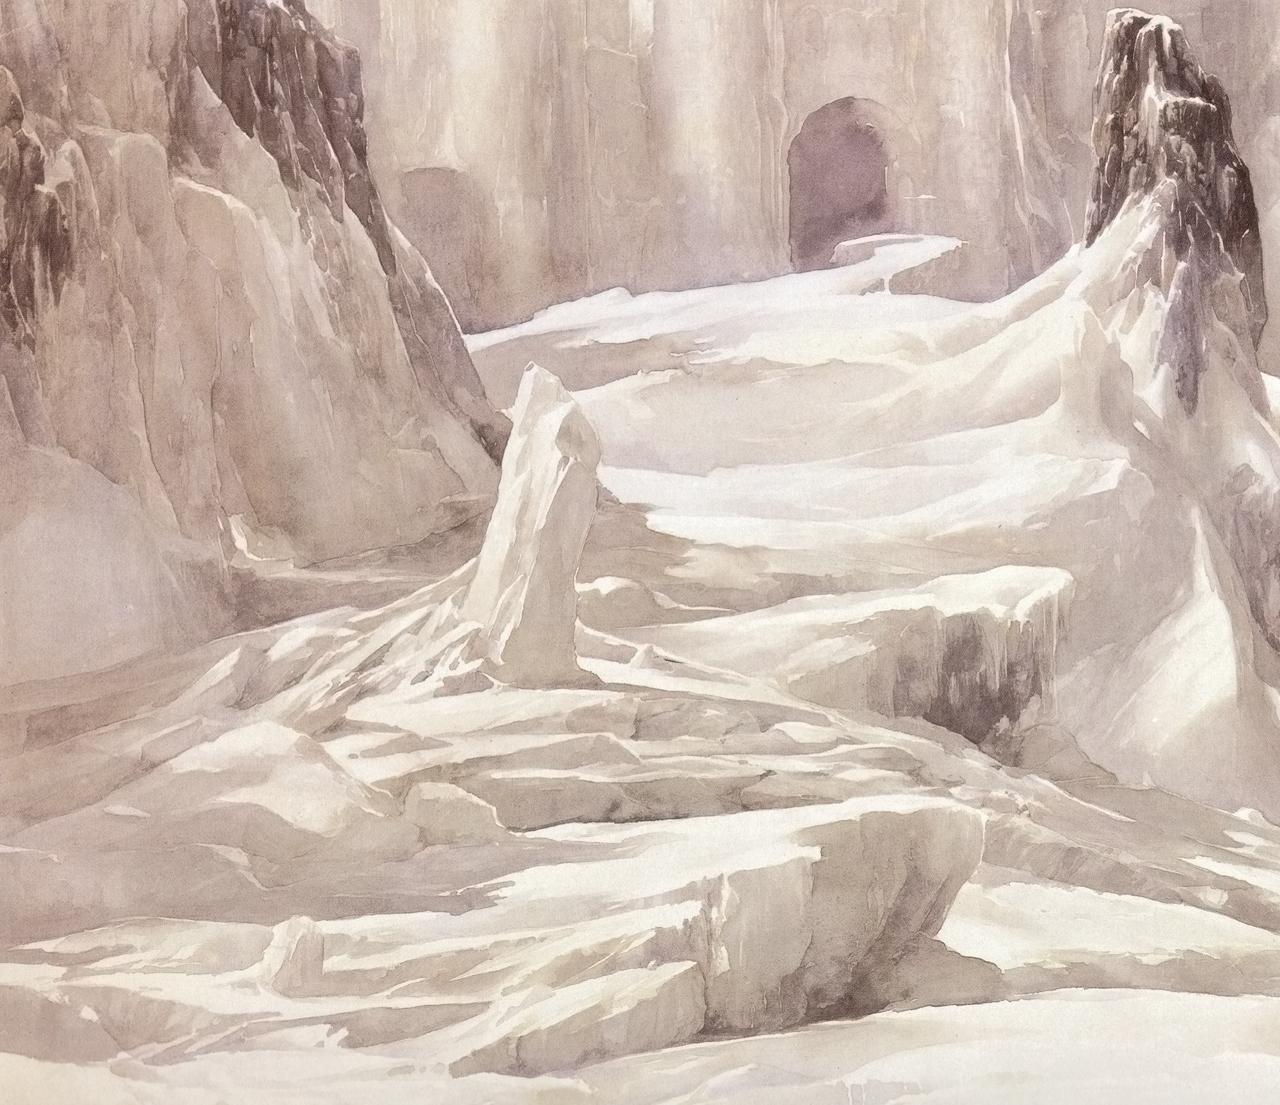 Útgarðar (1984) – tranh của Alan Lee